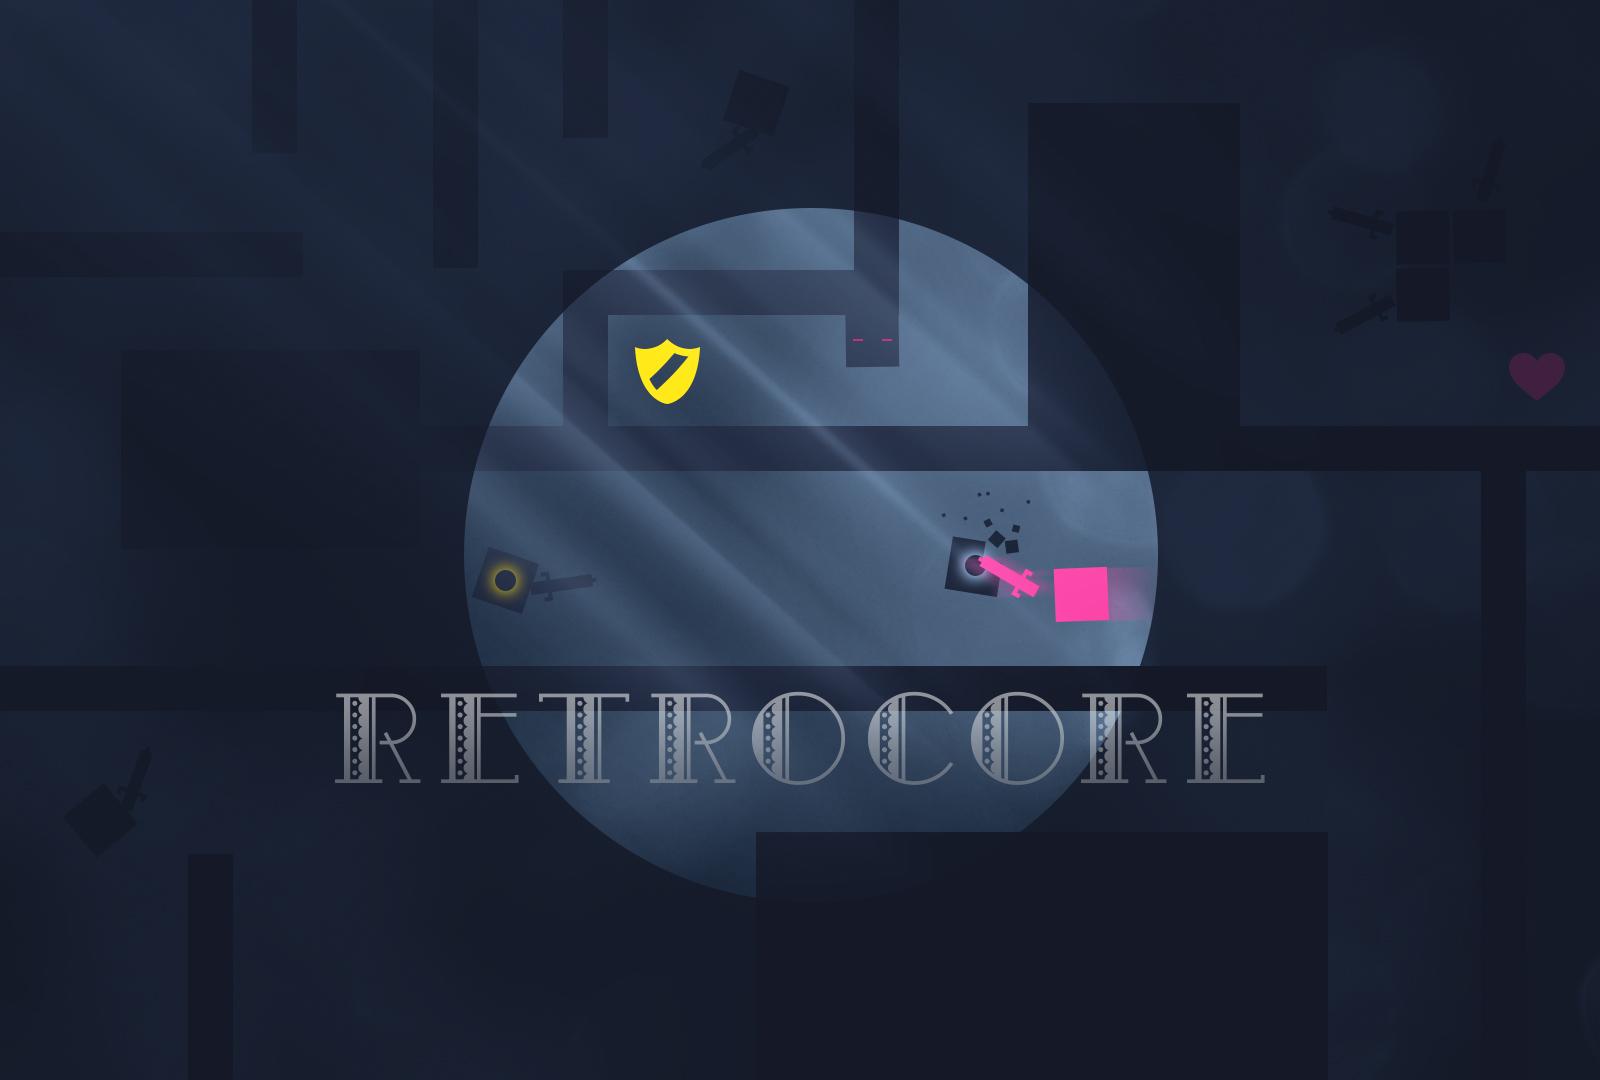 retrocore